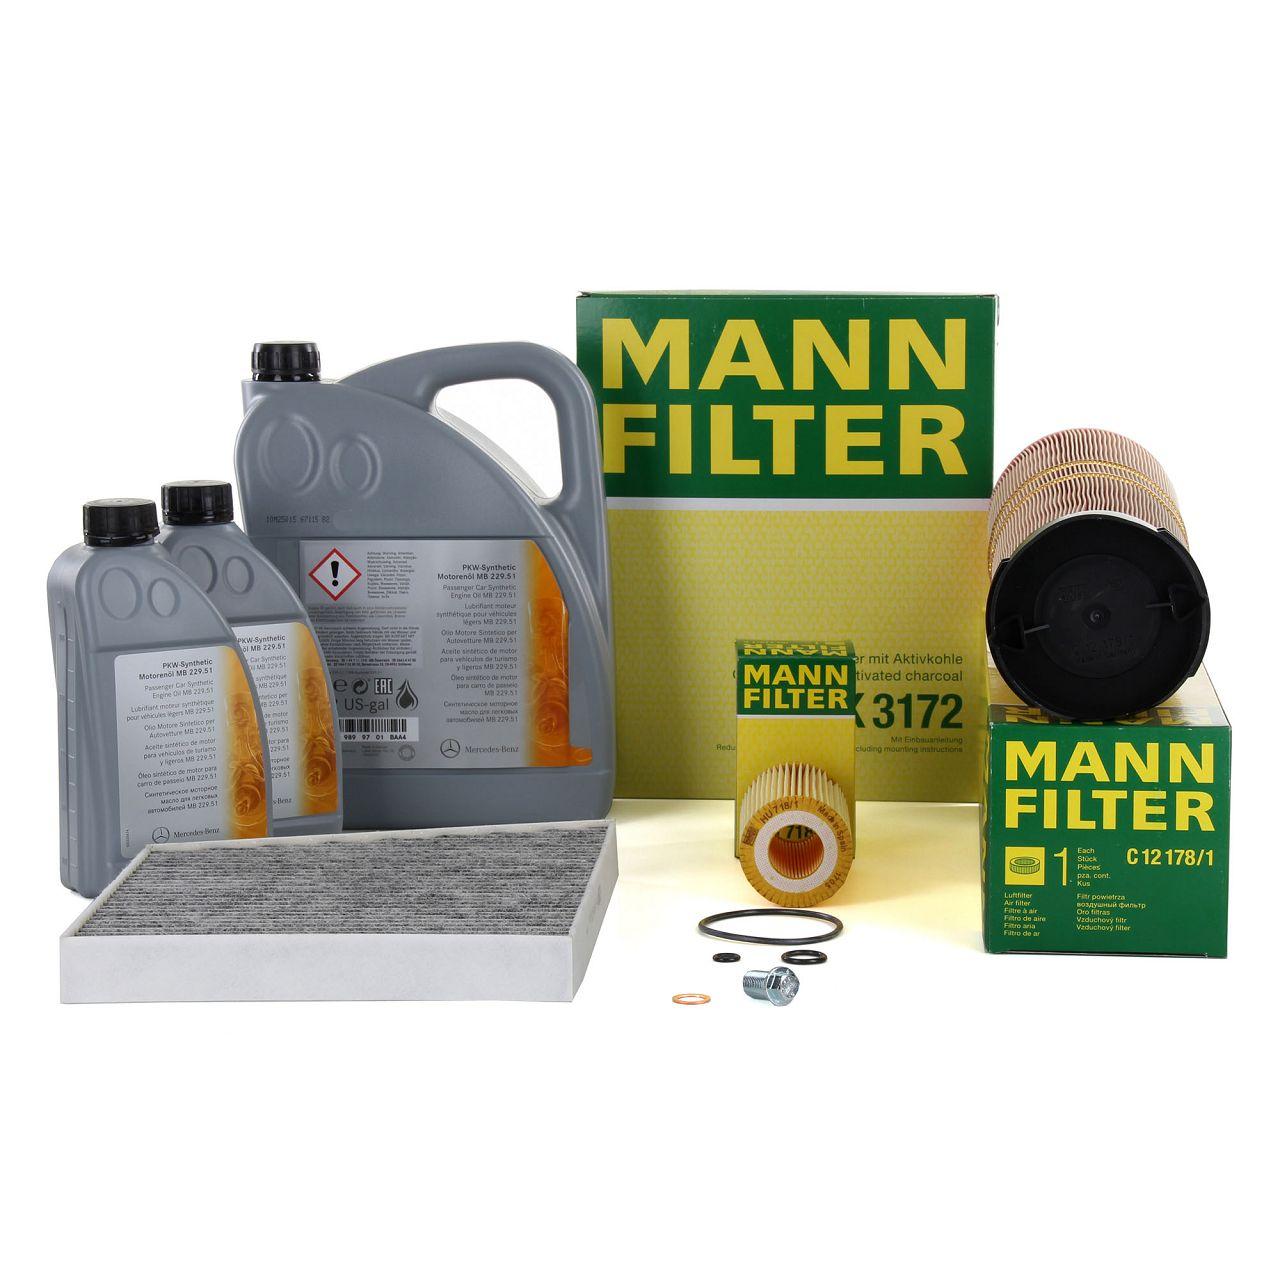 MANN Filterset + 7 L ORIGINAL Mercedes-Benz 5W30 Motoröl E-Klasse W211 S211 E220/270CDI